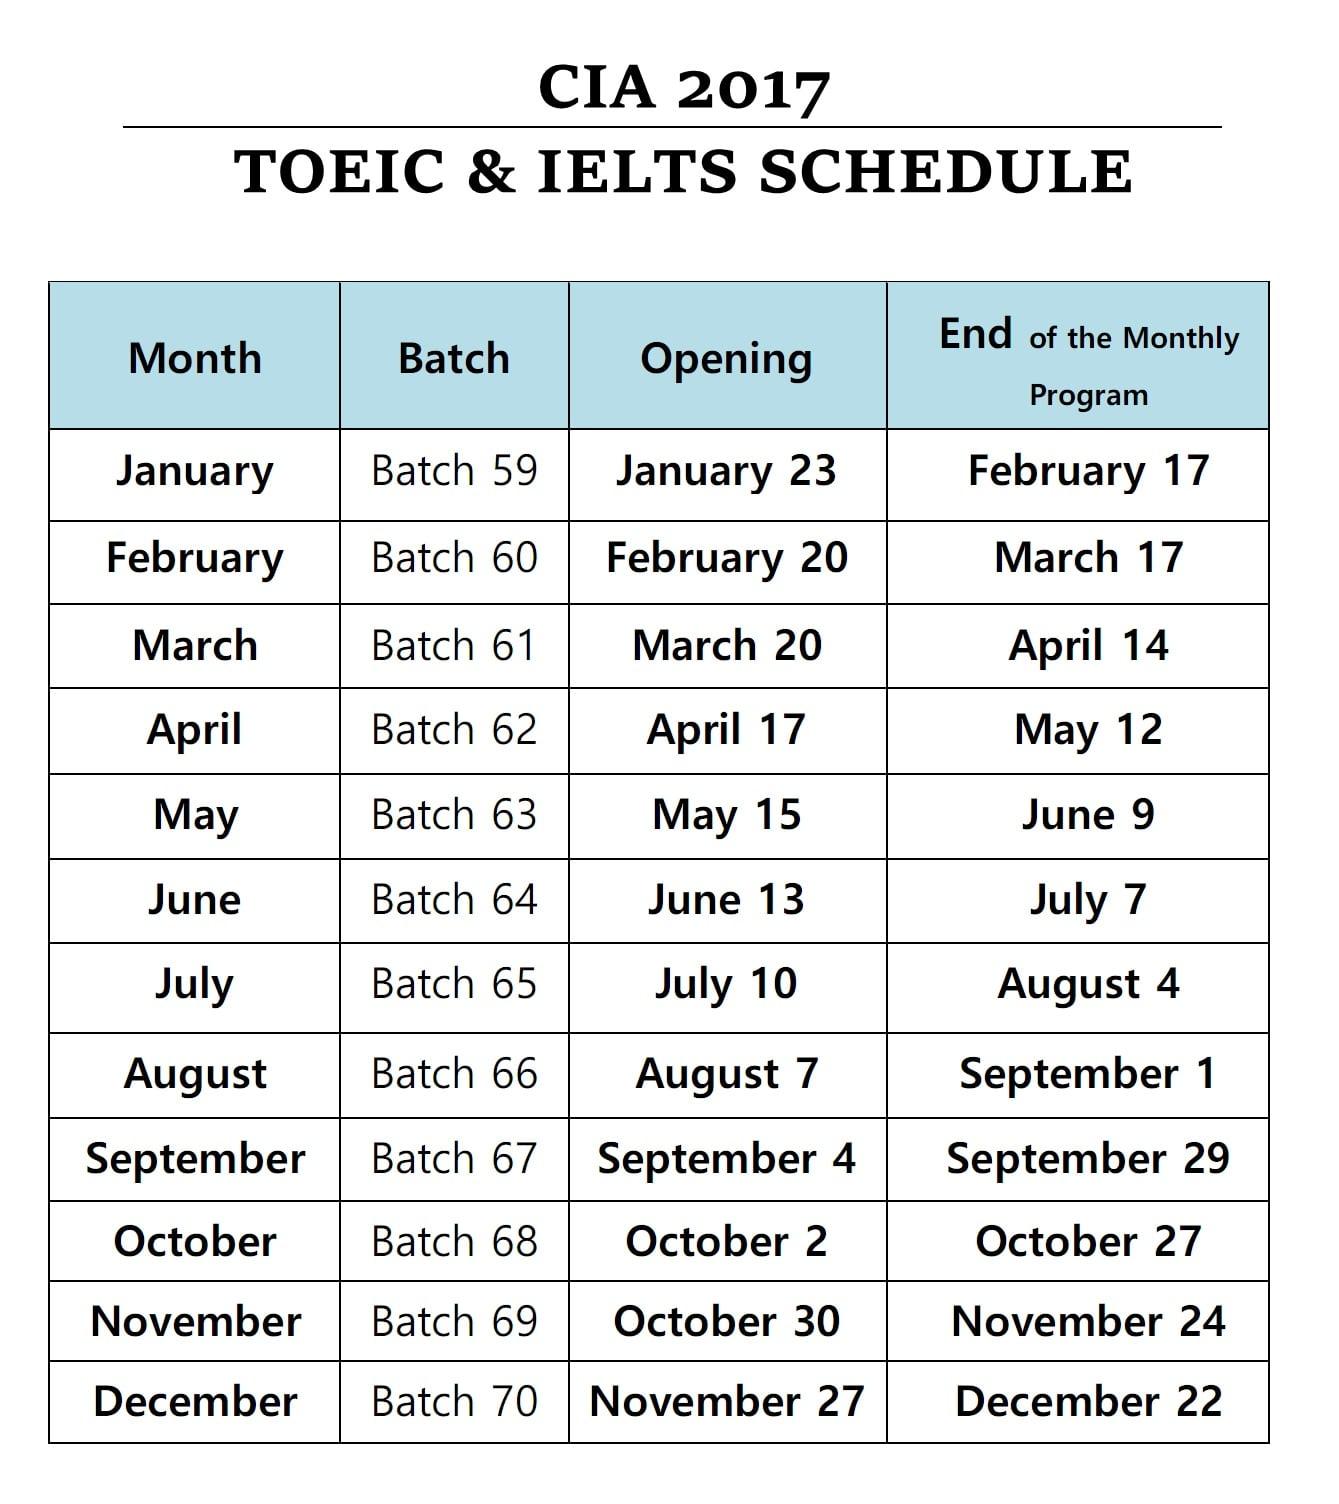 cia-2017-toeic-ielts-schedule